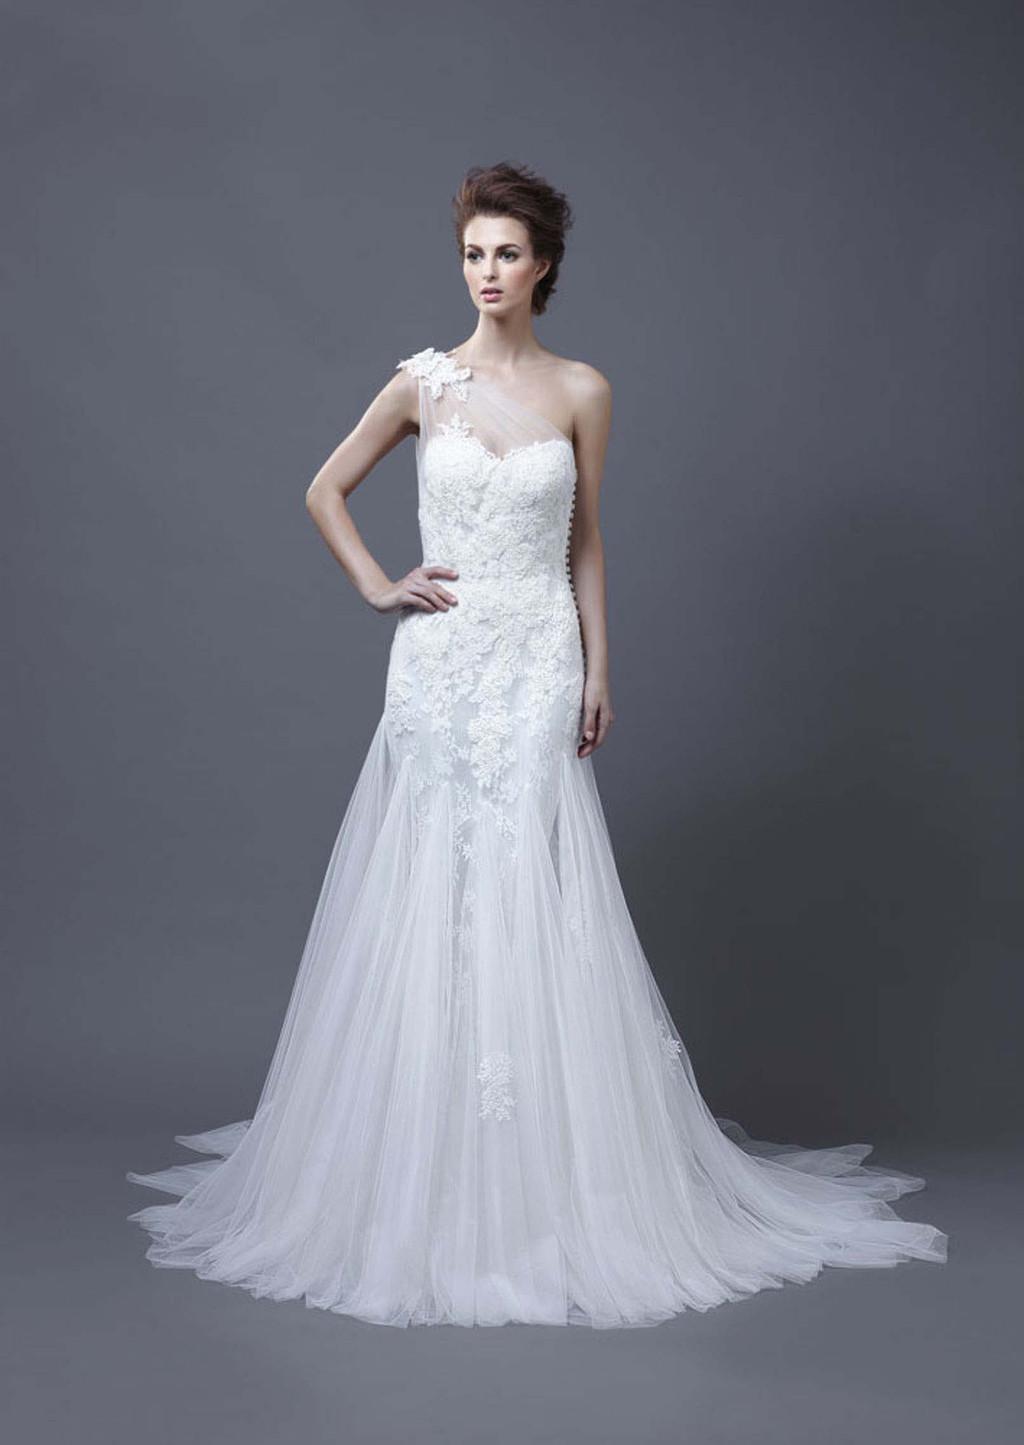 2013-wedding-dress-by-enzoani-bridal-heli.full